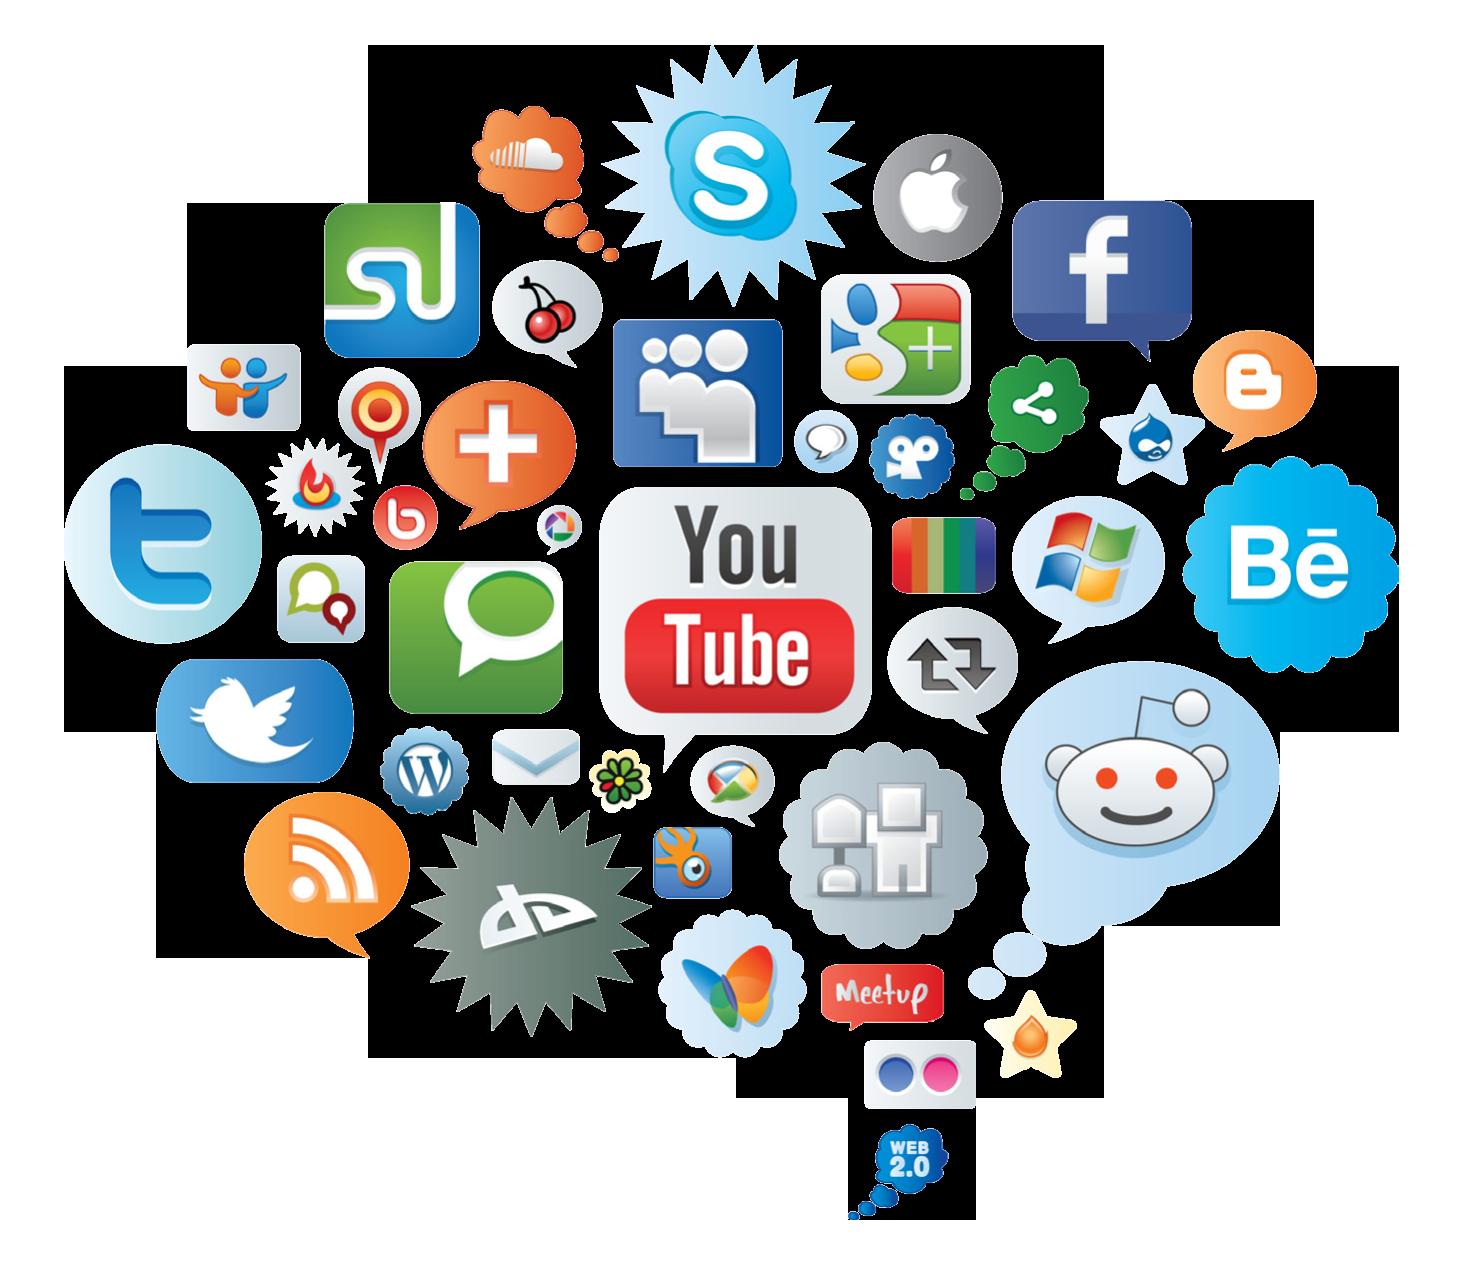 Блог — душа социальная: как вставить на страницы кнопки